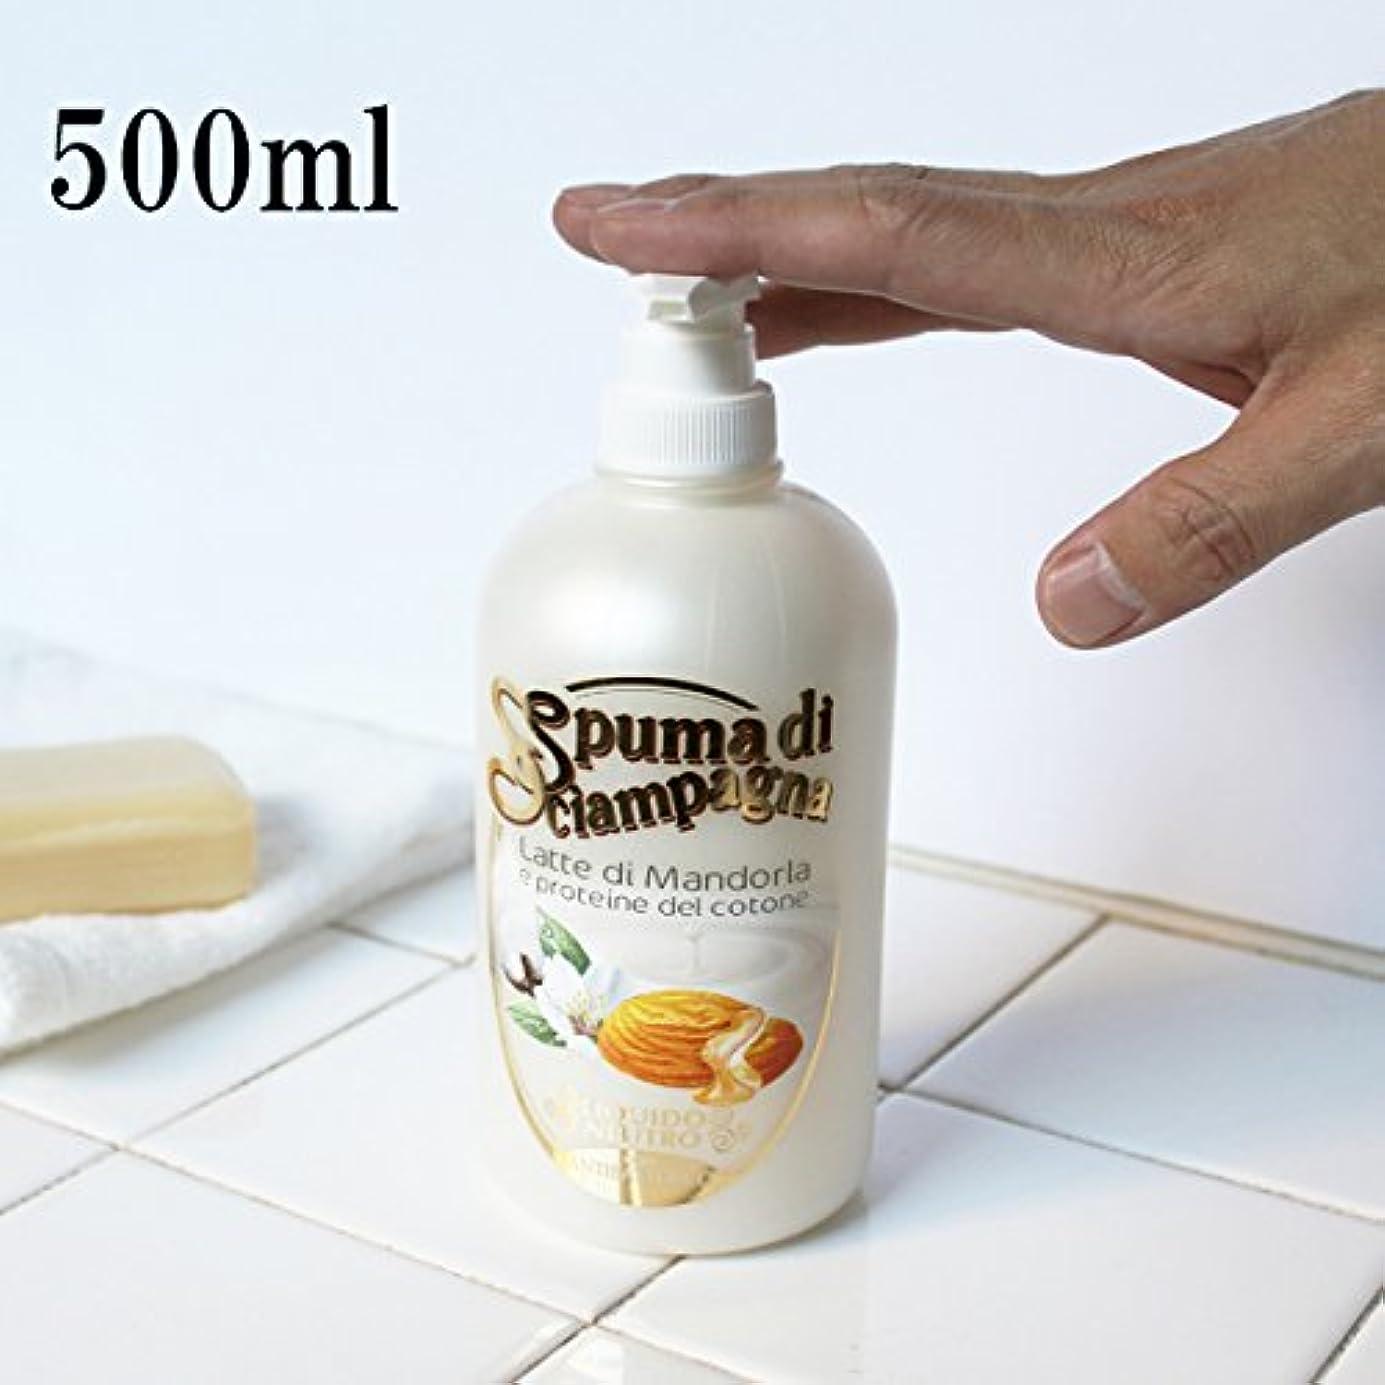 閃光学んだ政府Spuma di Sciampagna (スプーマ ディ シャンパーニャ) リキッドソープ 500ml アーモンドの香り